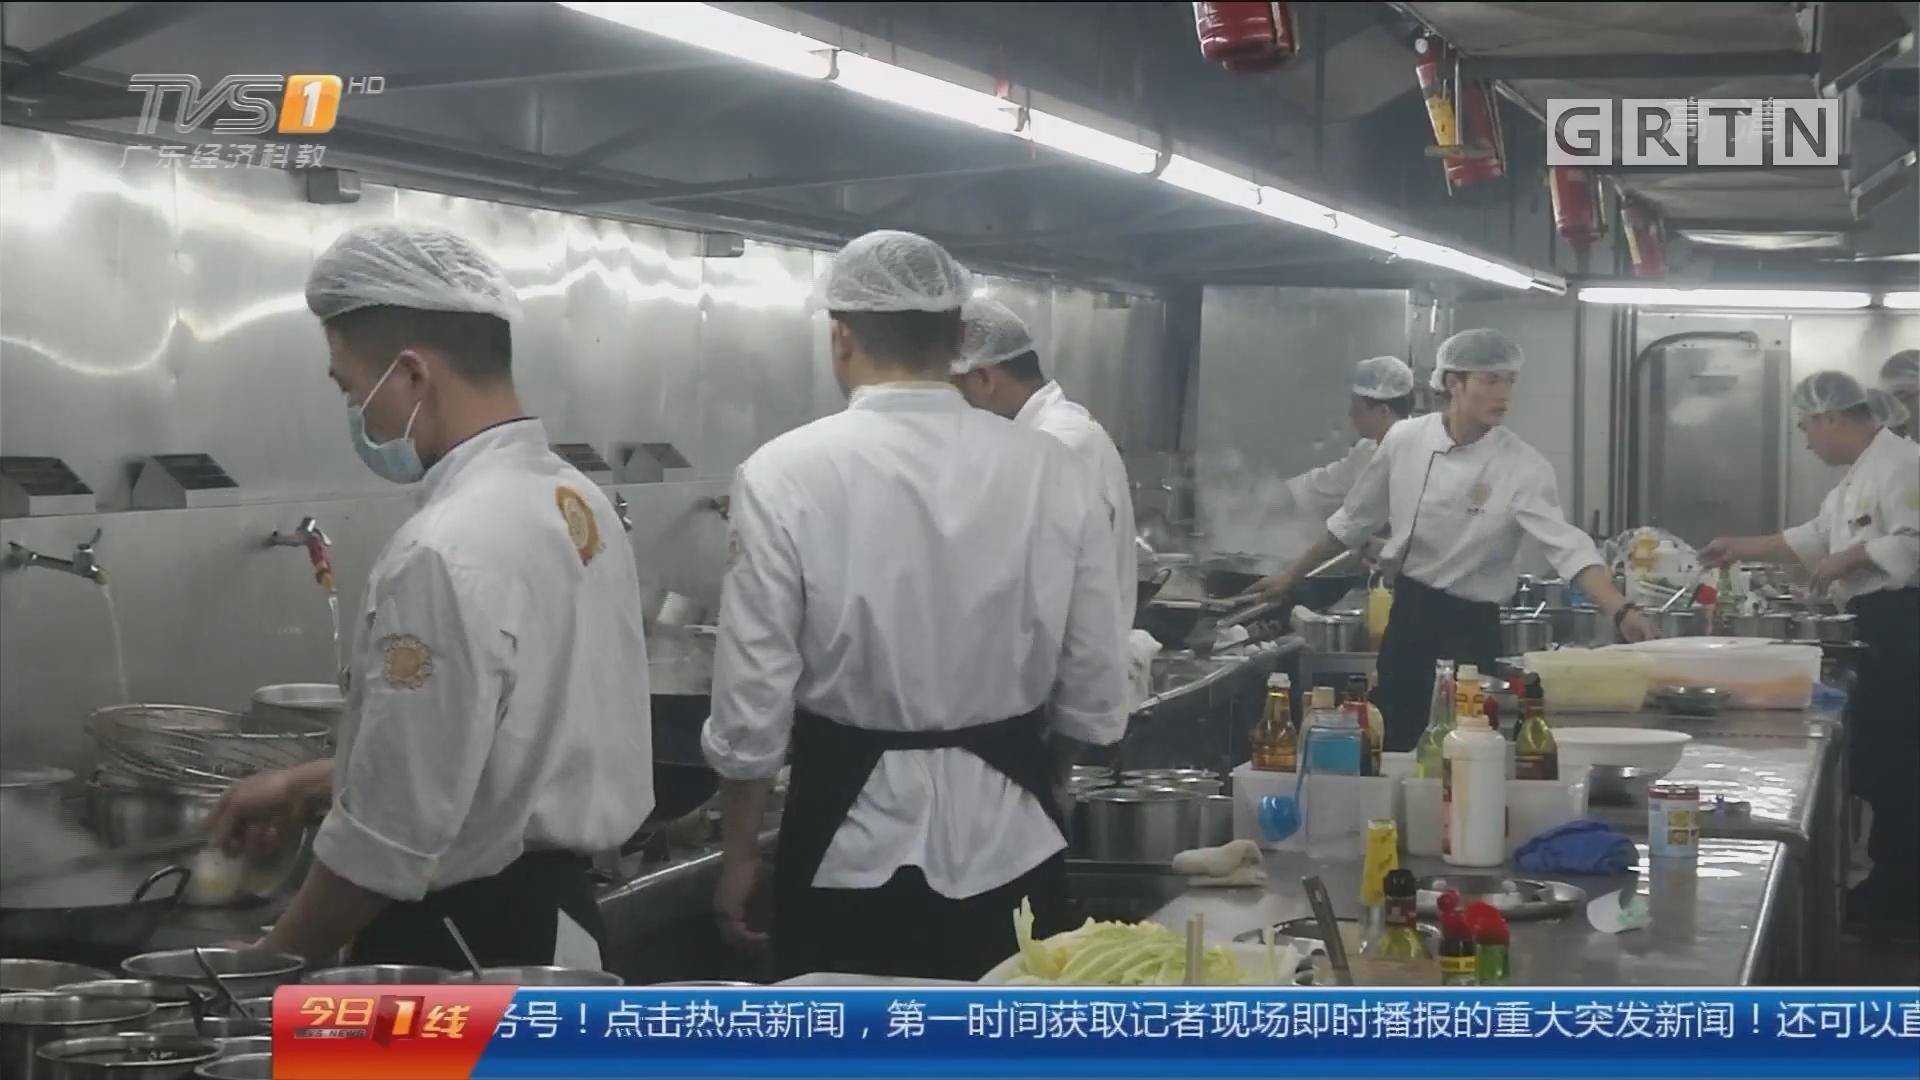 新春特别策划:爱之独白 饭店春节热闹非凡 饭店人难以归家